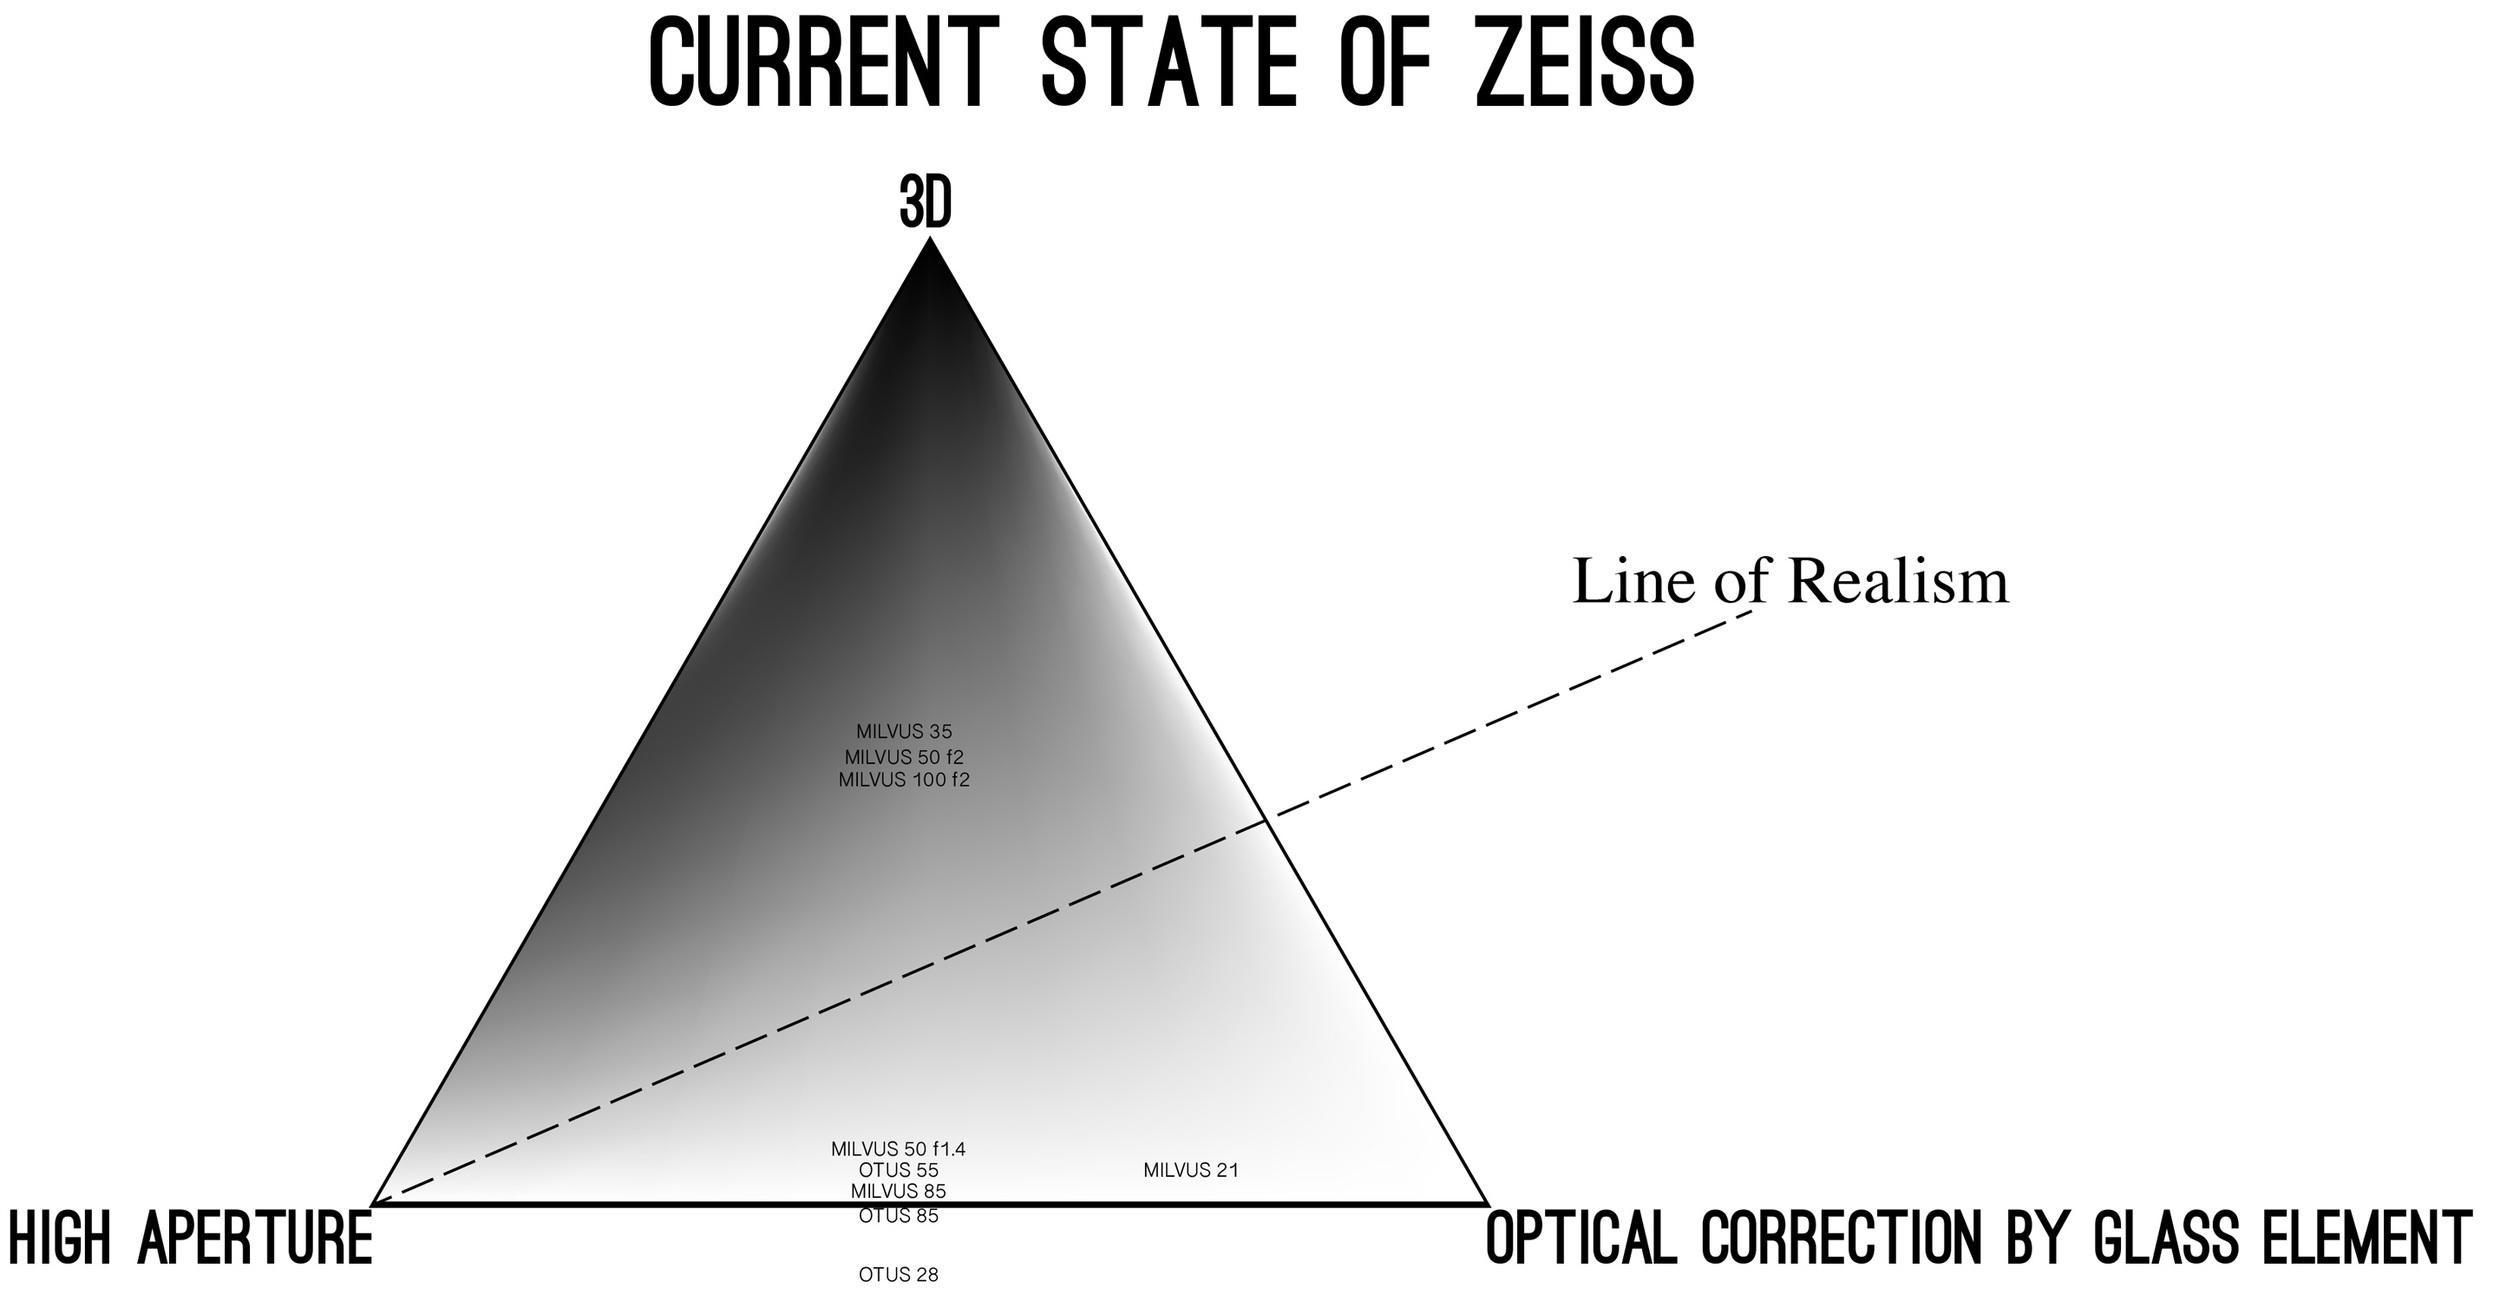 20160223-diagram-zeiss.jpg